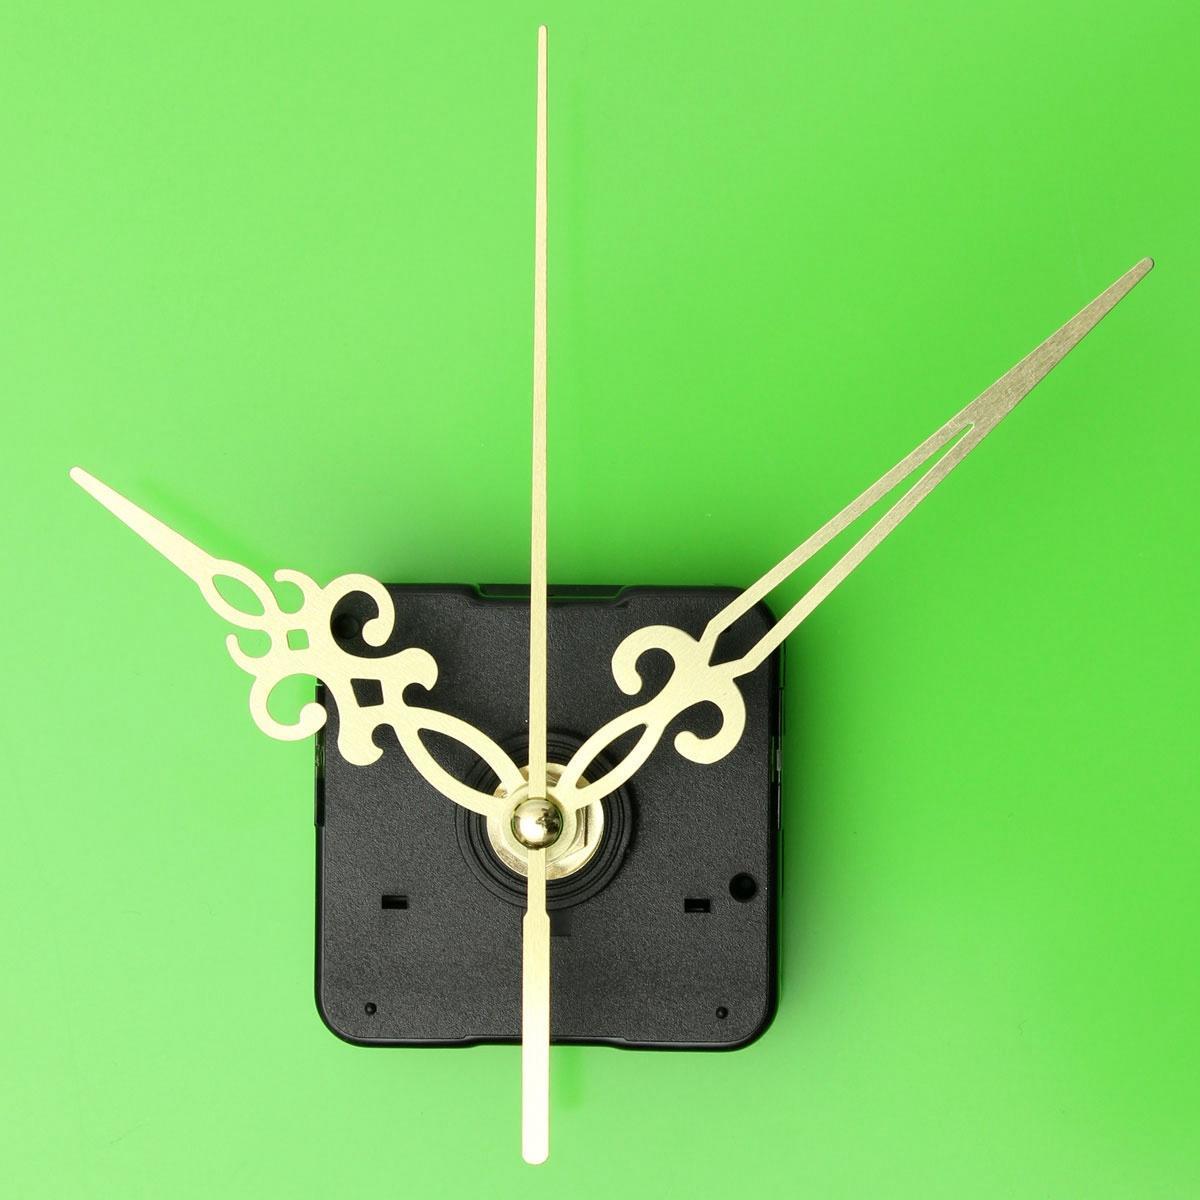 Золотые руки DIY кварцевые часы движение механизм ремонта инструмент частей комплект